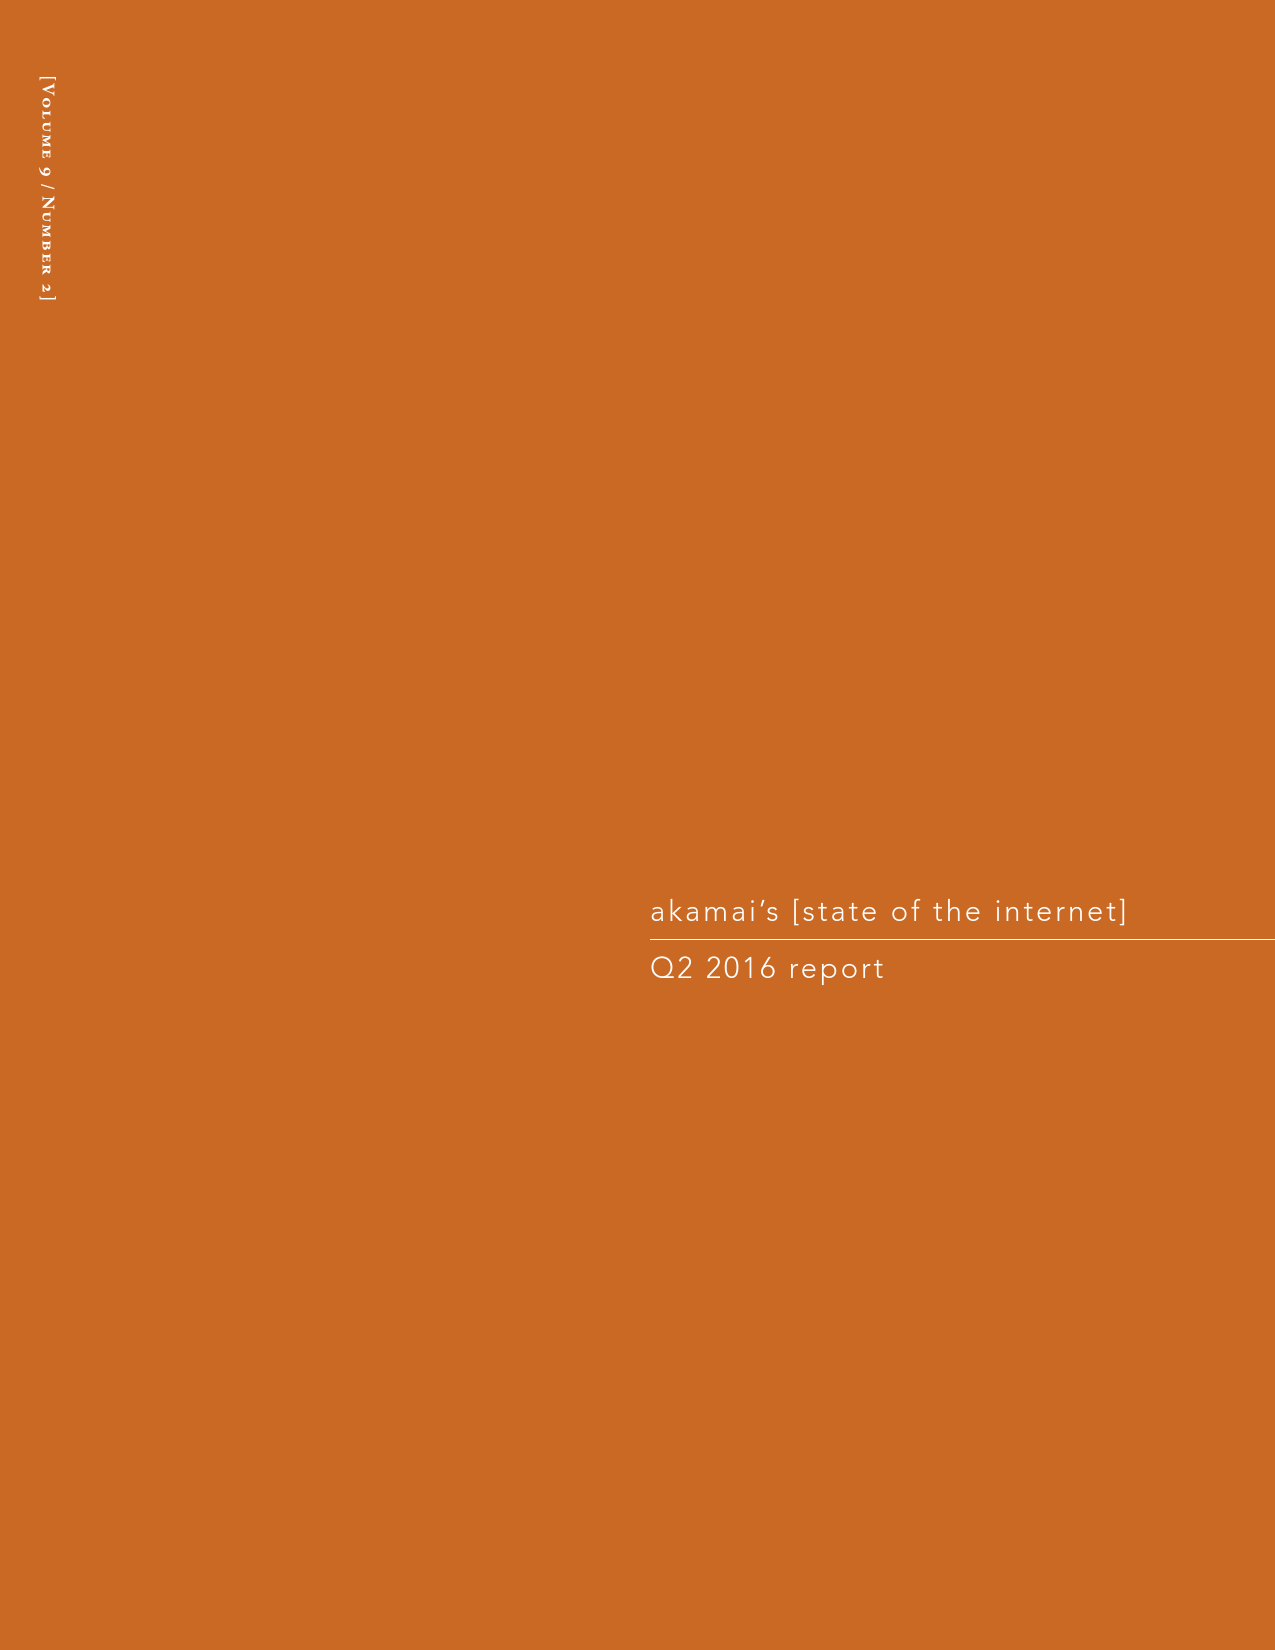 2016年Q2全球互联网现状报告_000001